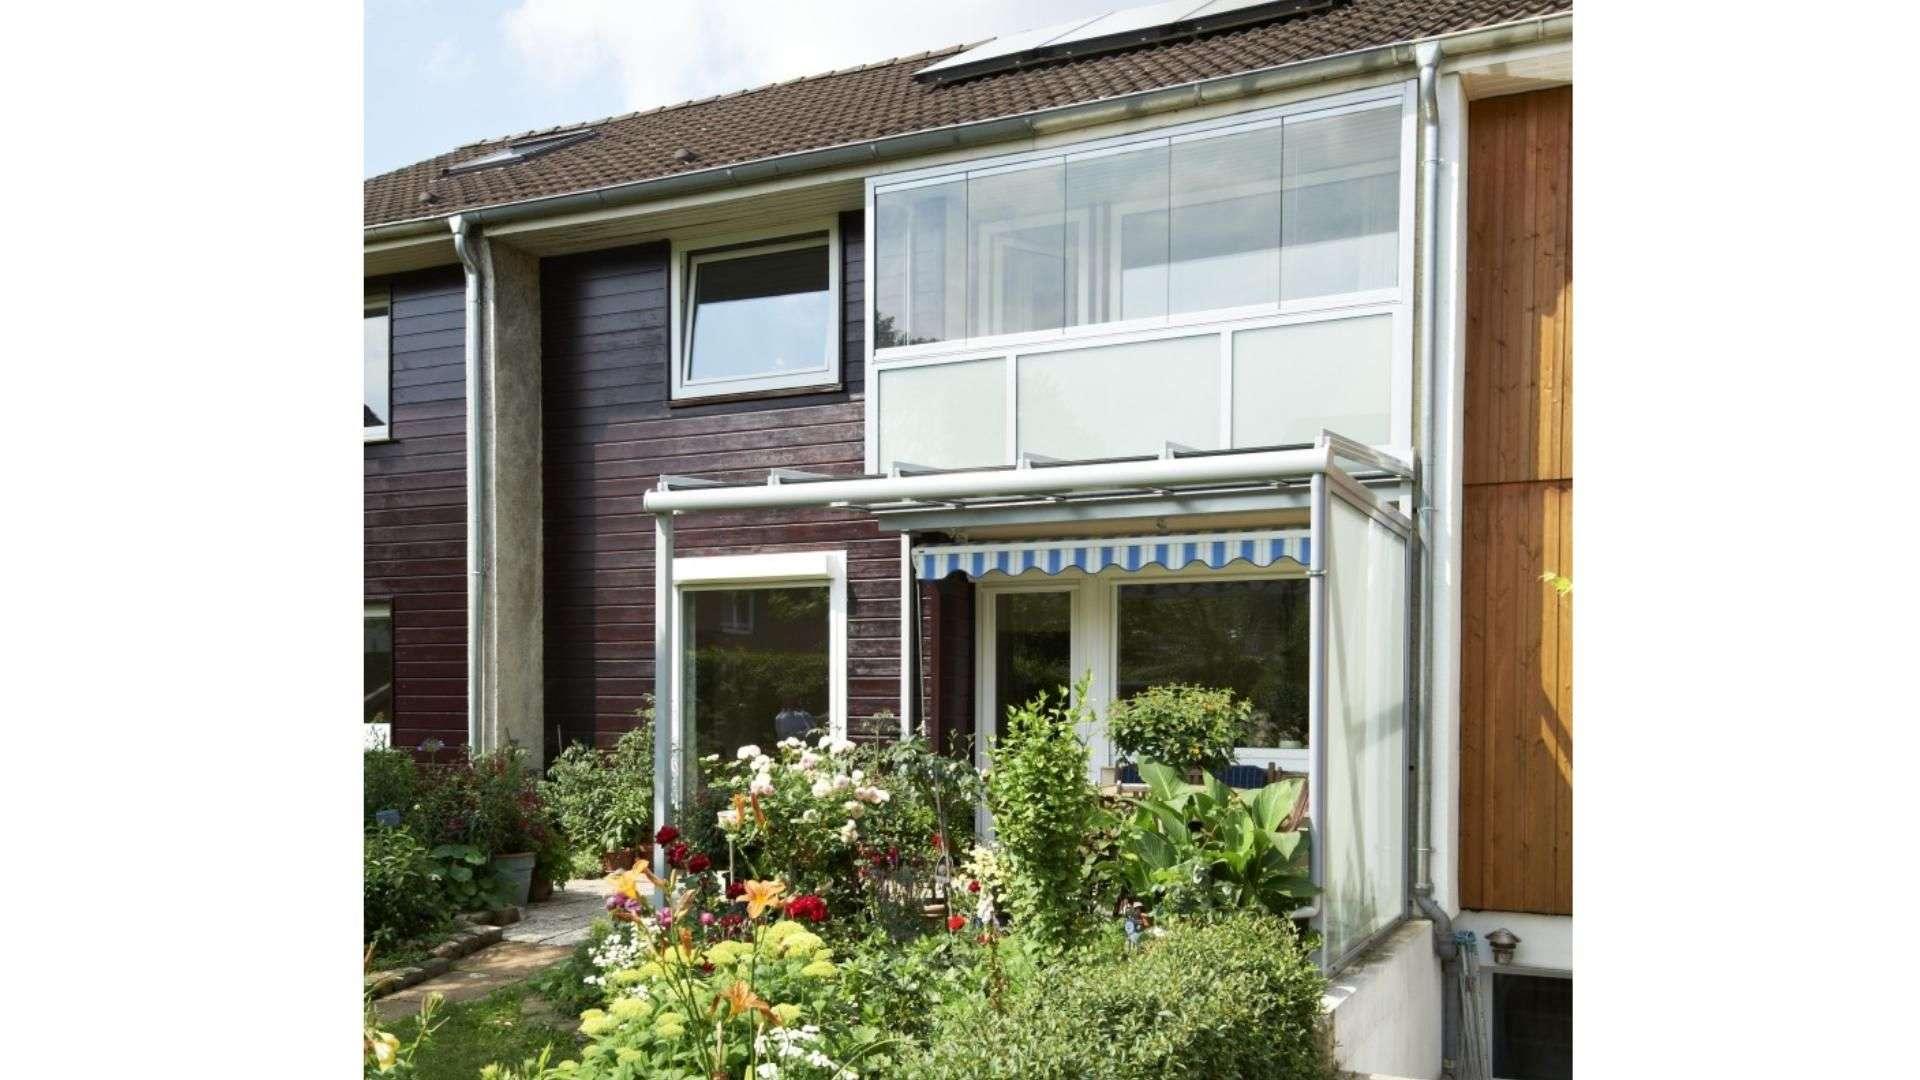 Terrassendach und Balkonverglasung an einem Reihenhaus